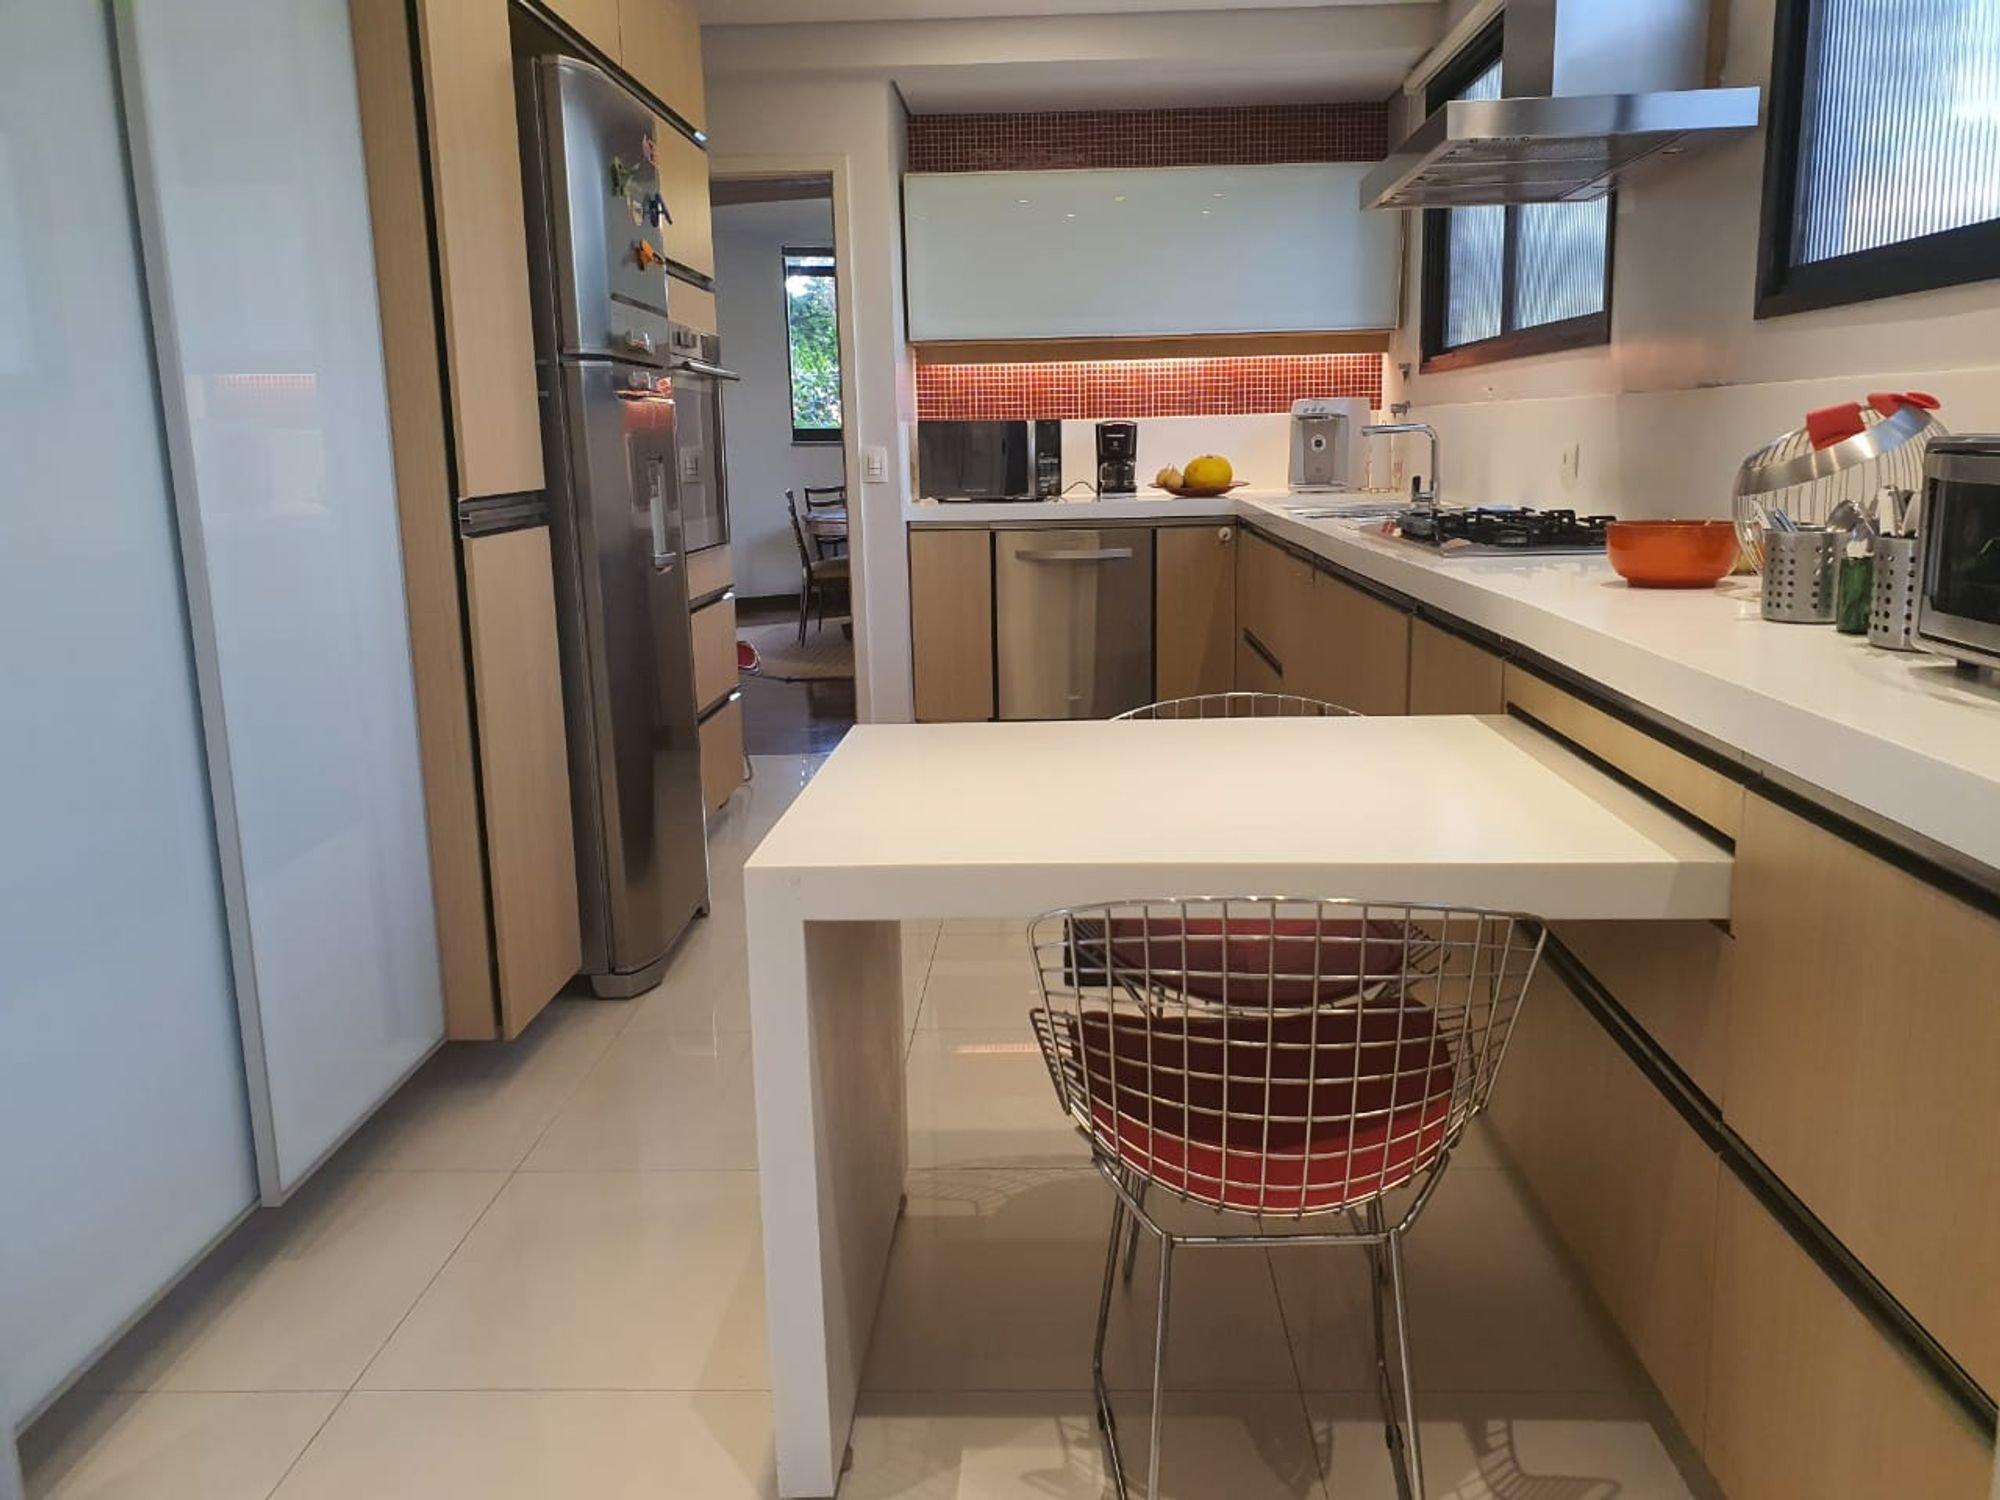 Foto de Cozinha com tigela, cadeira, microondas